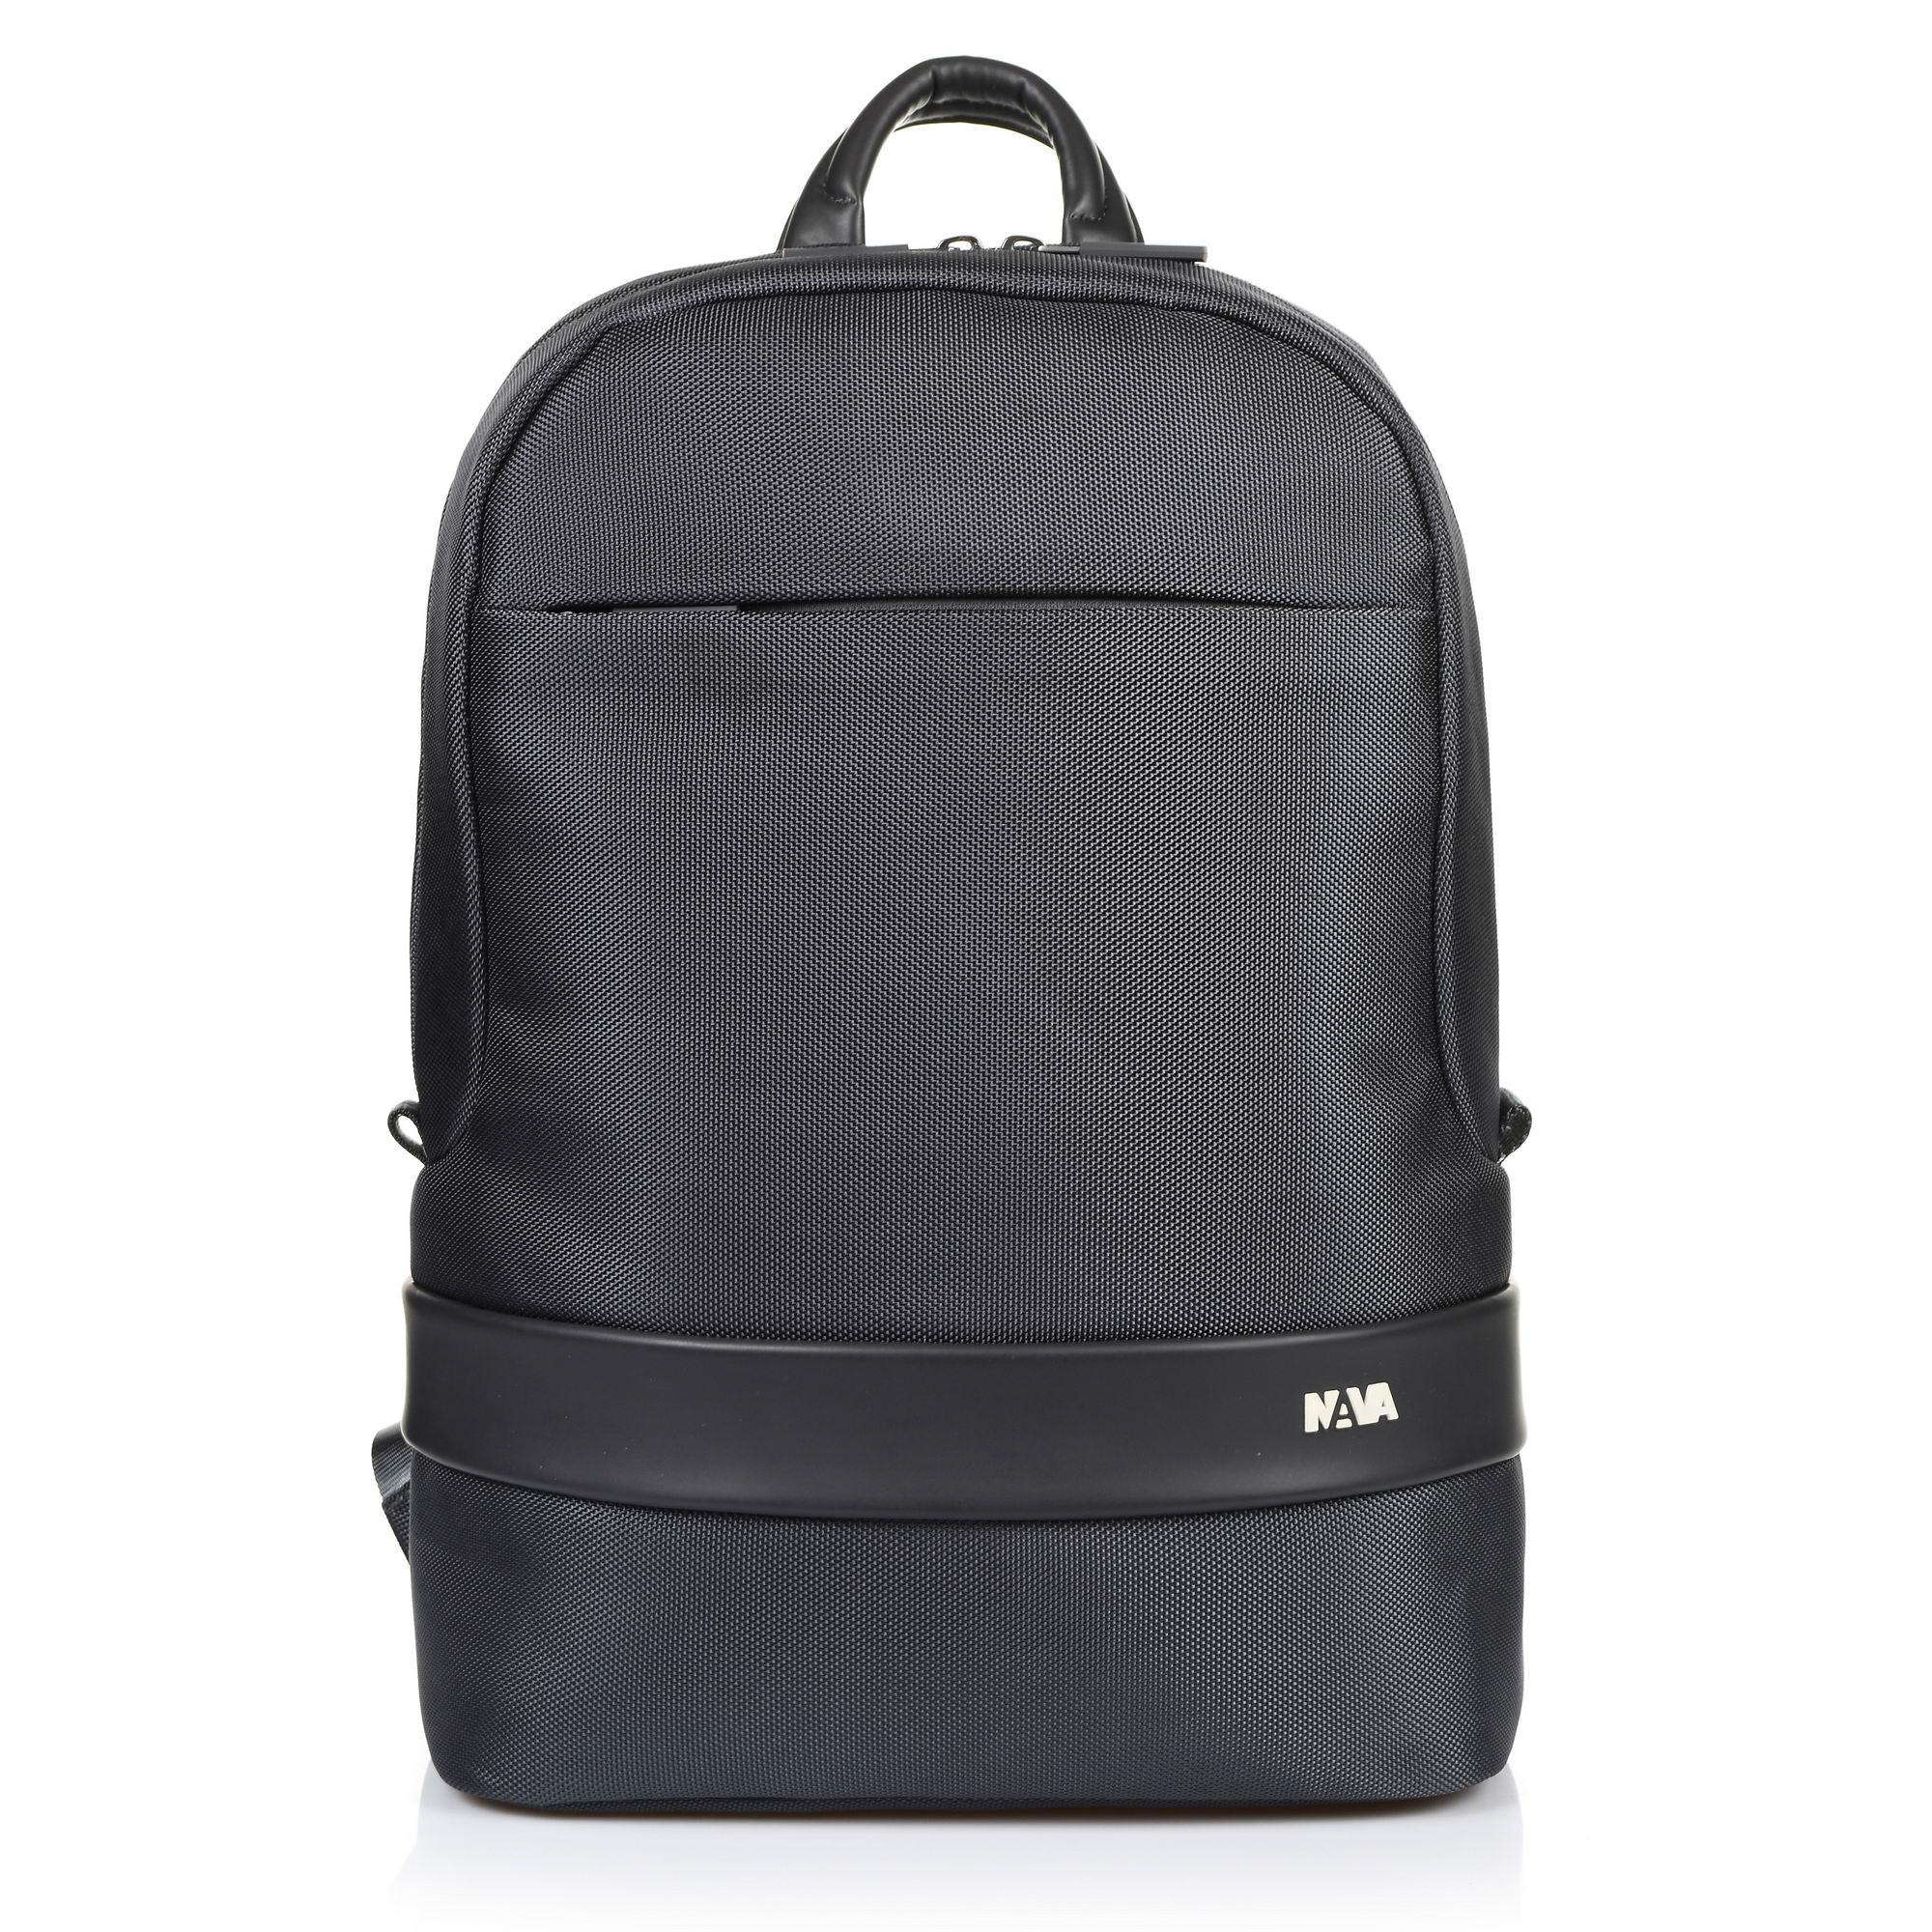 Σακίδιο Πλάτης Nava Easy Plus Daypack EP076 επαγγελματικα   σακίδιο πλάτης